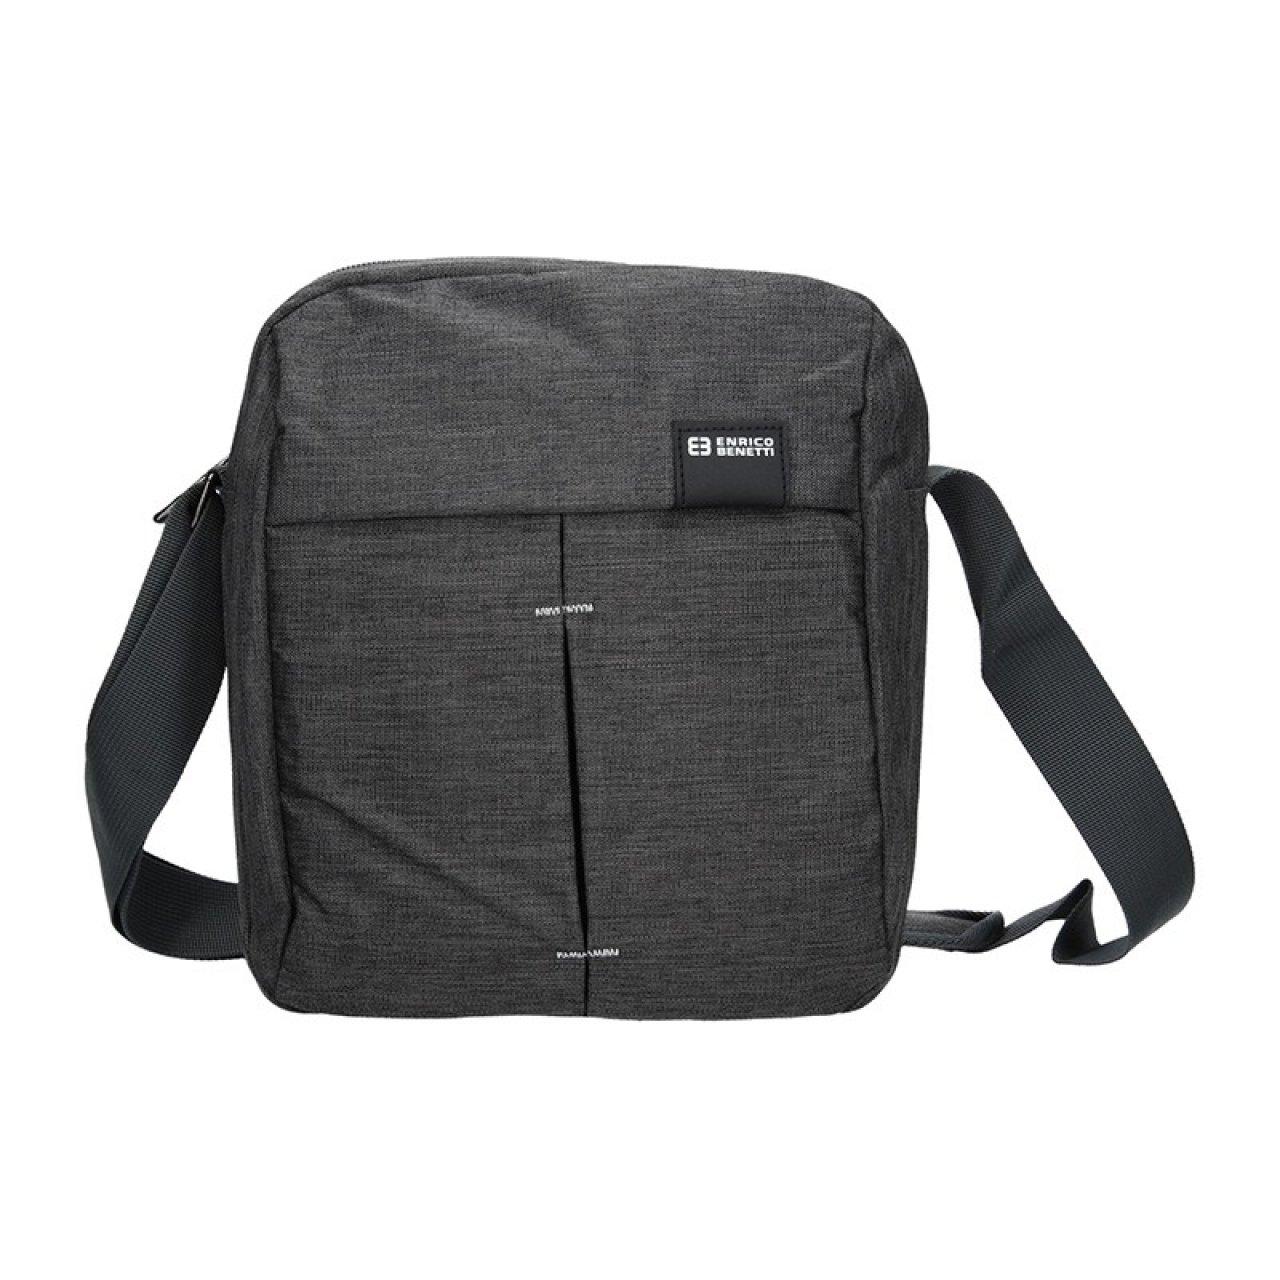 437bfad9be Pánská taška přes rameno Enrico Benetti Filip - šedo-černá